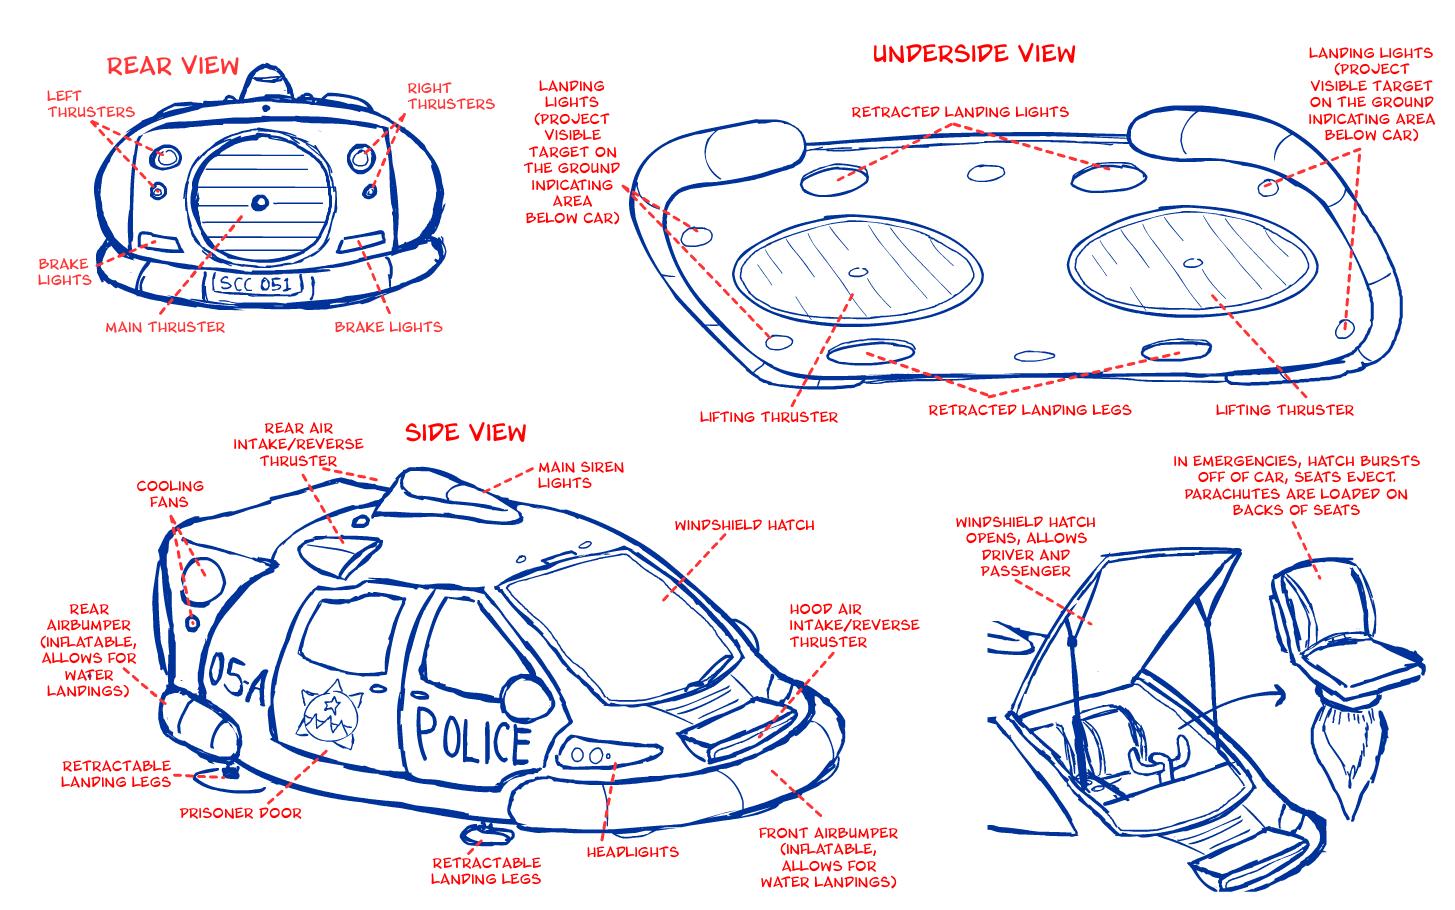 redux_police_car